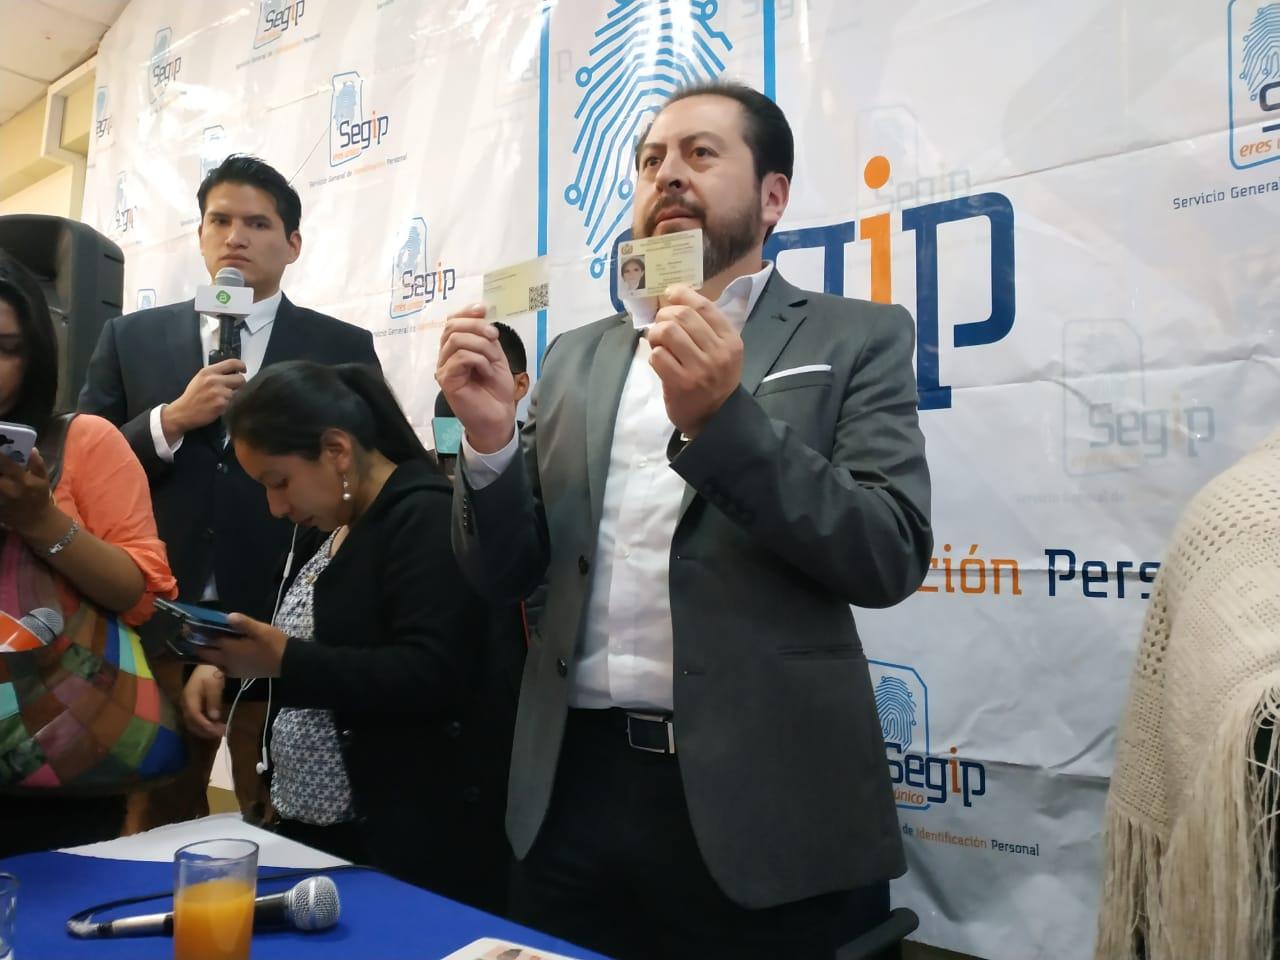 El director del SEGIP explicó que las cédulas vigentes tienen validez hasta su recambio por las electrónicas / ÁNGEL SALAZAR